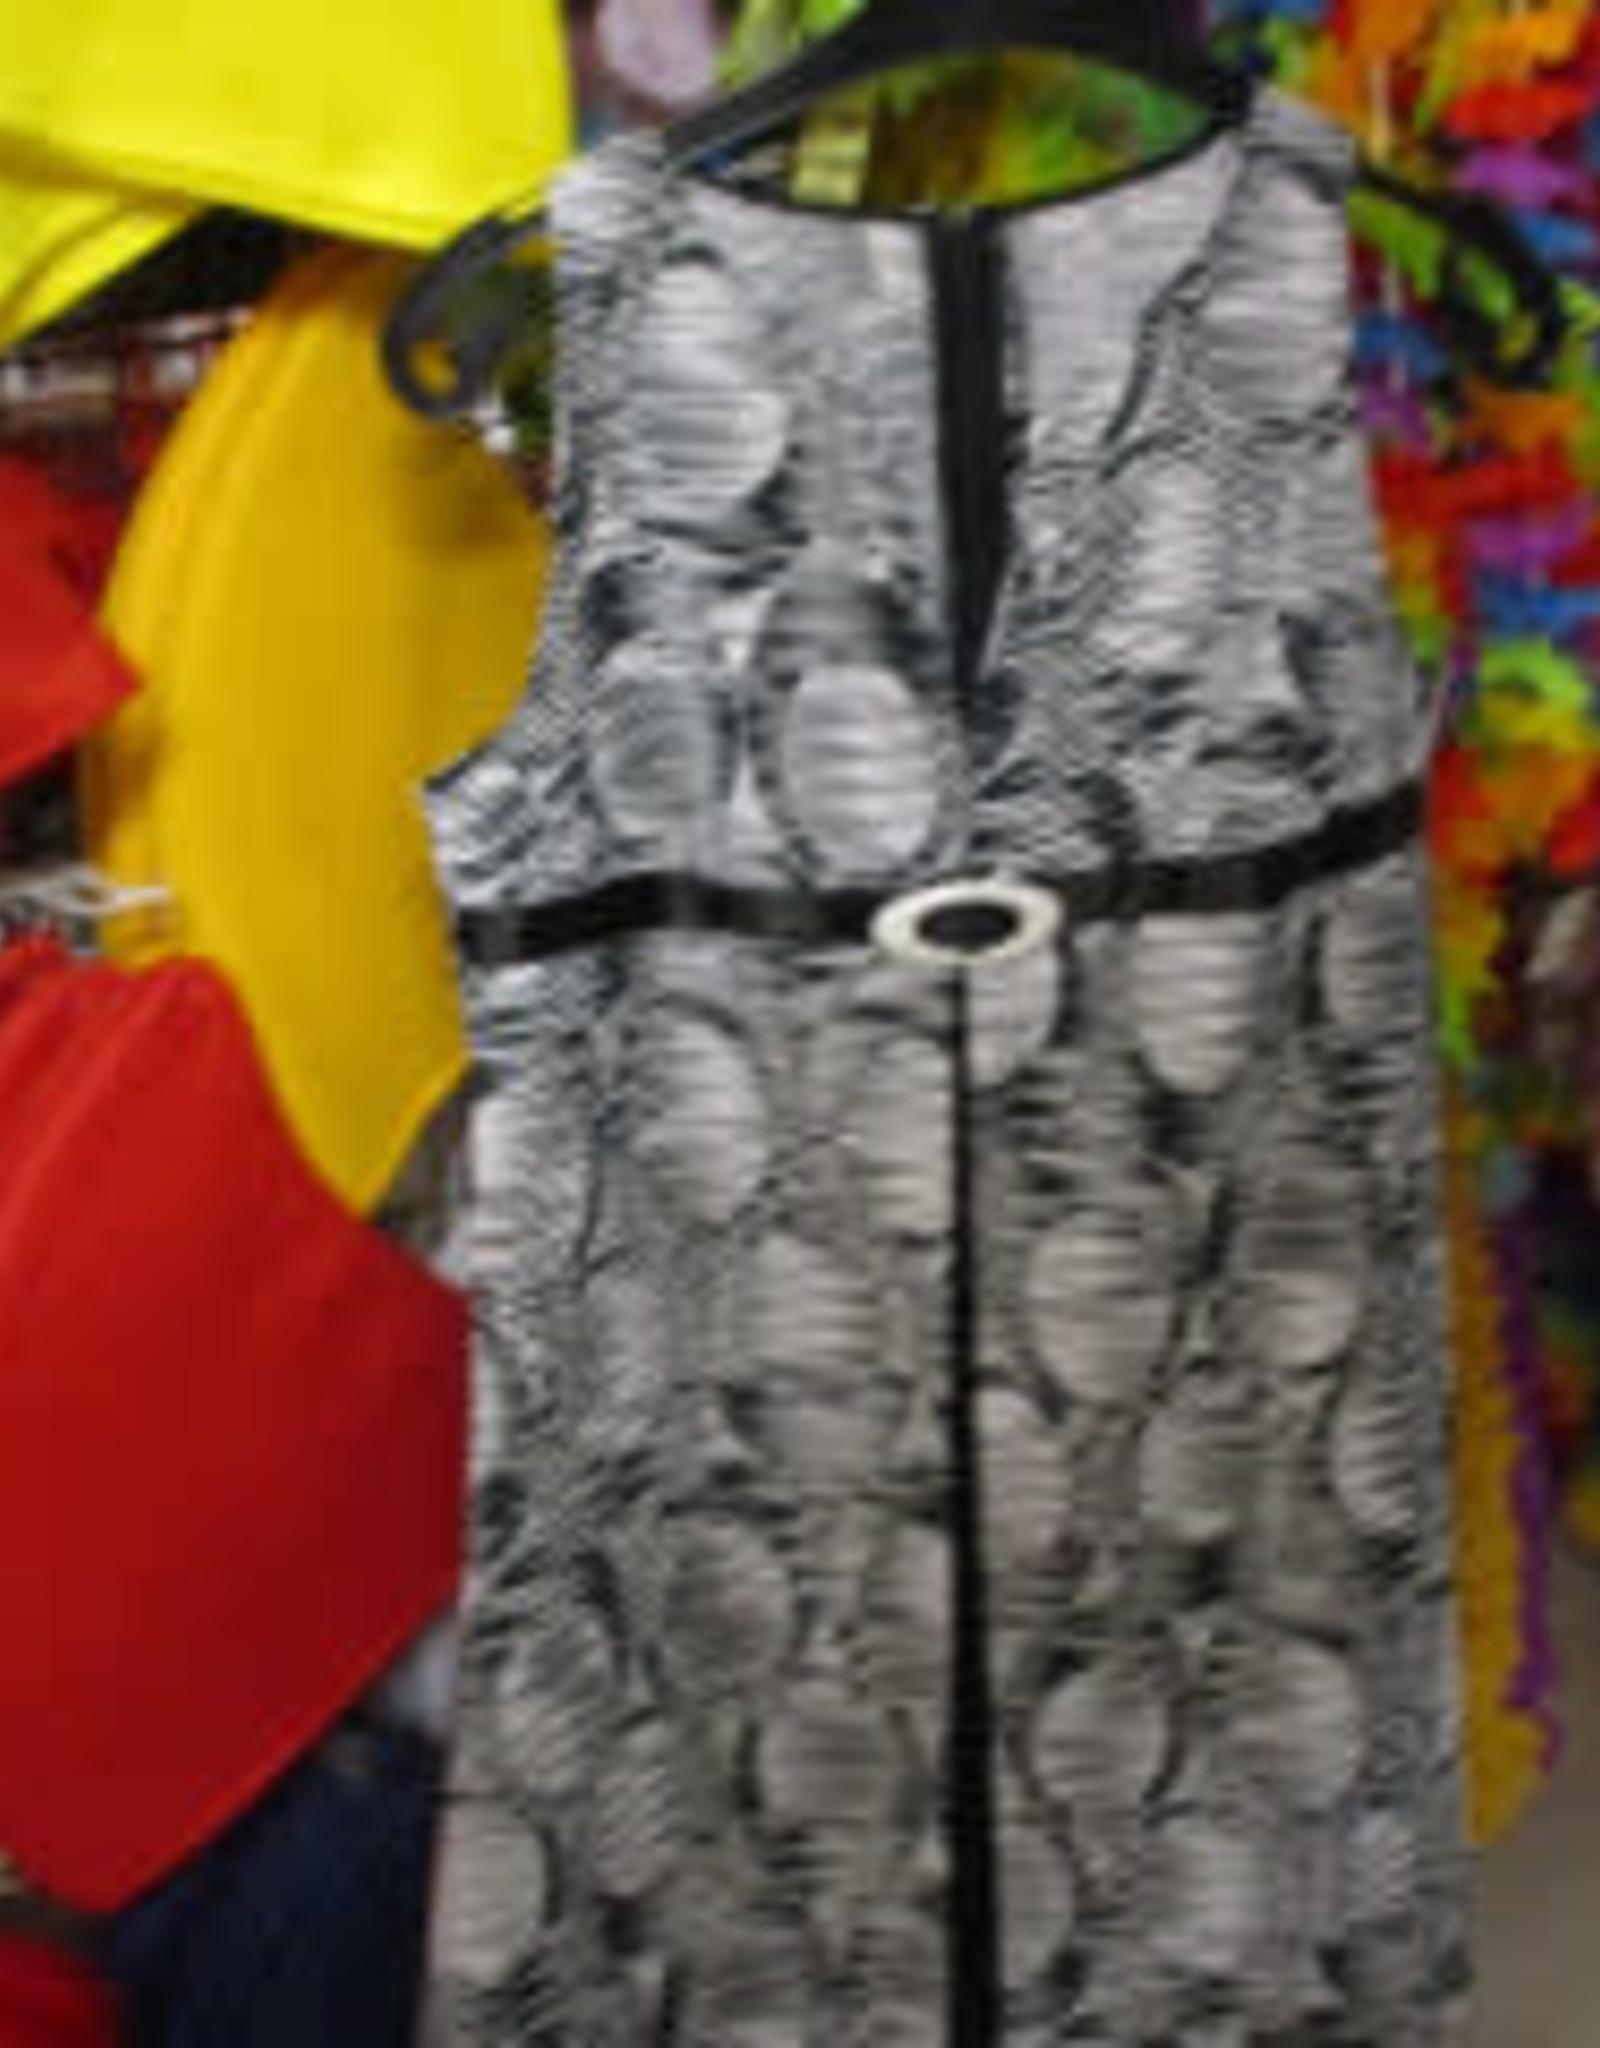 kleedje zwart wit tekening huurprijs € 15 S